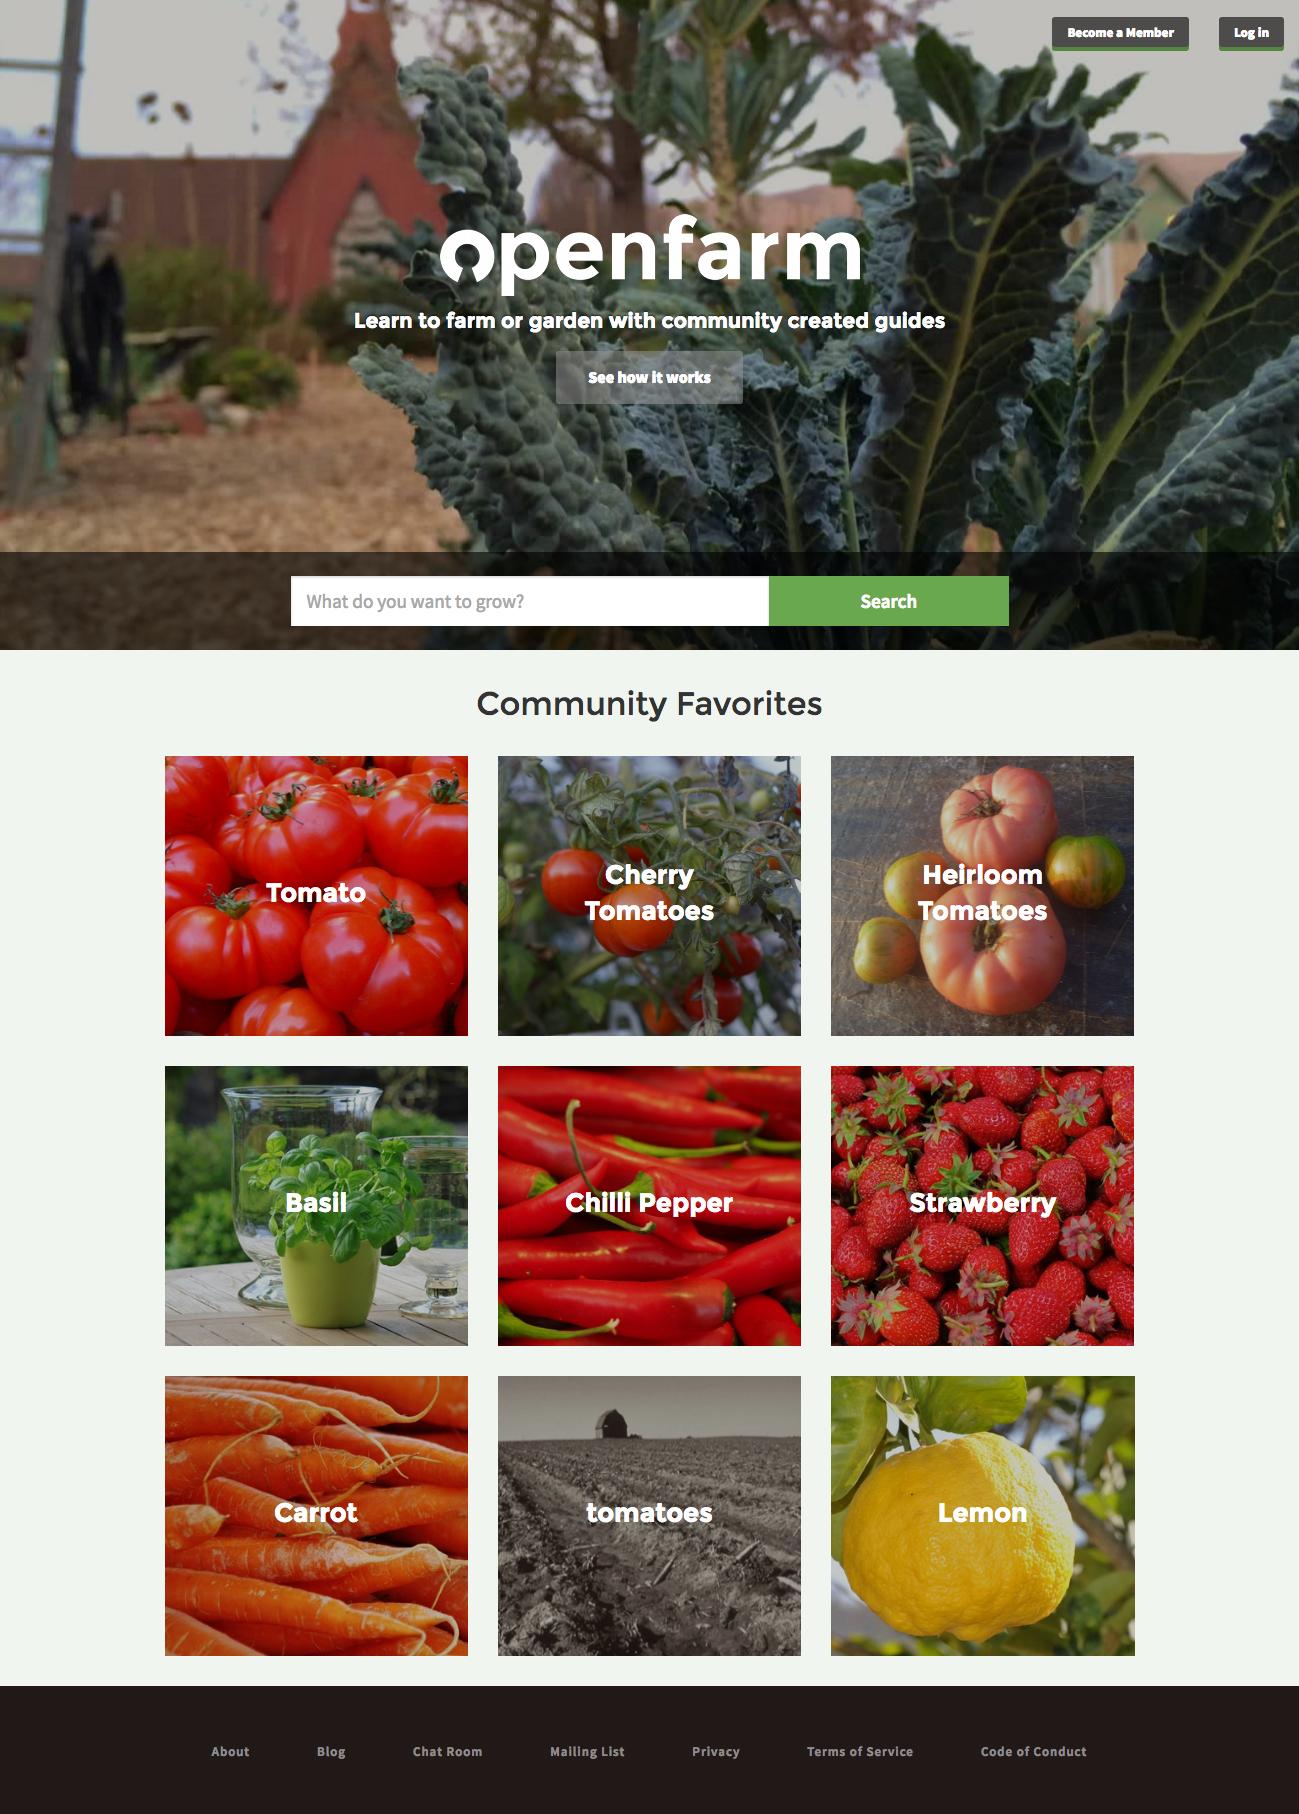 openfarm-cc